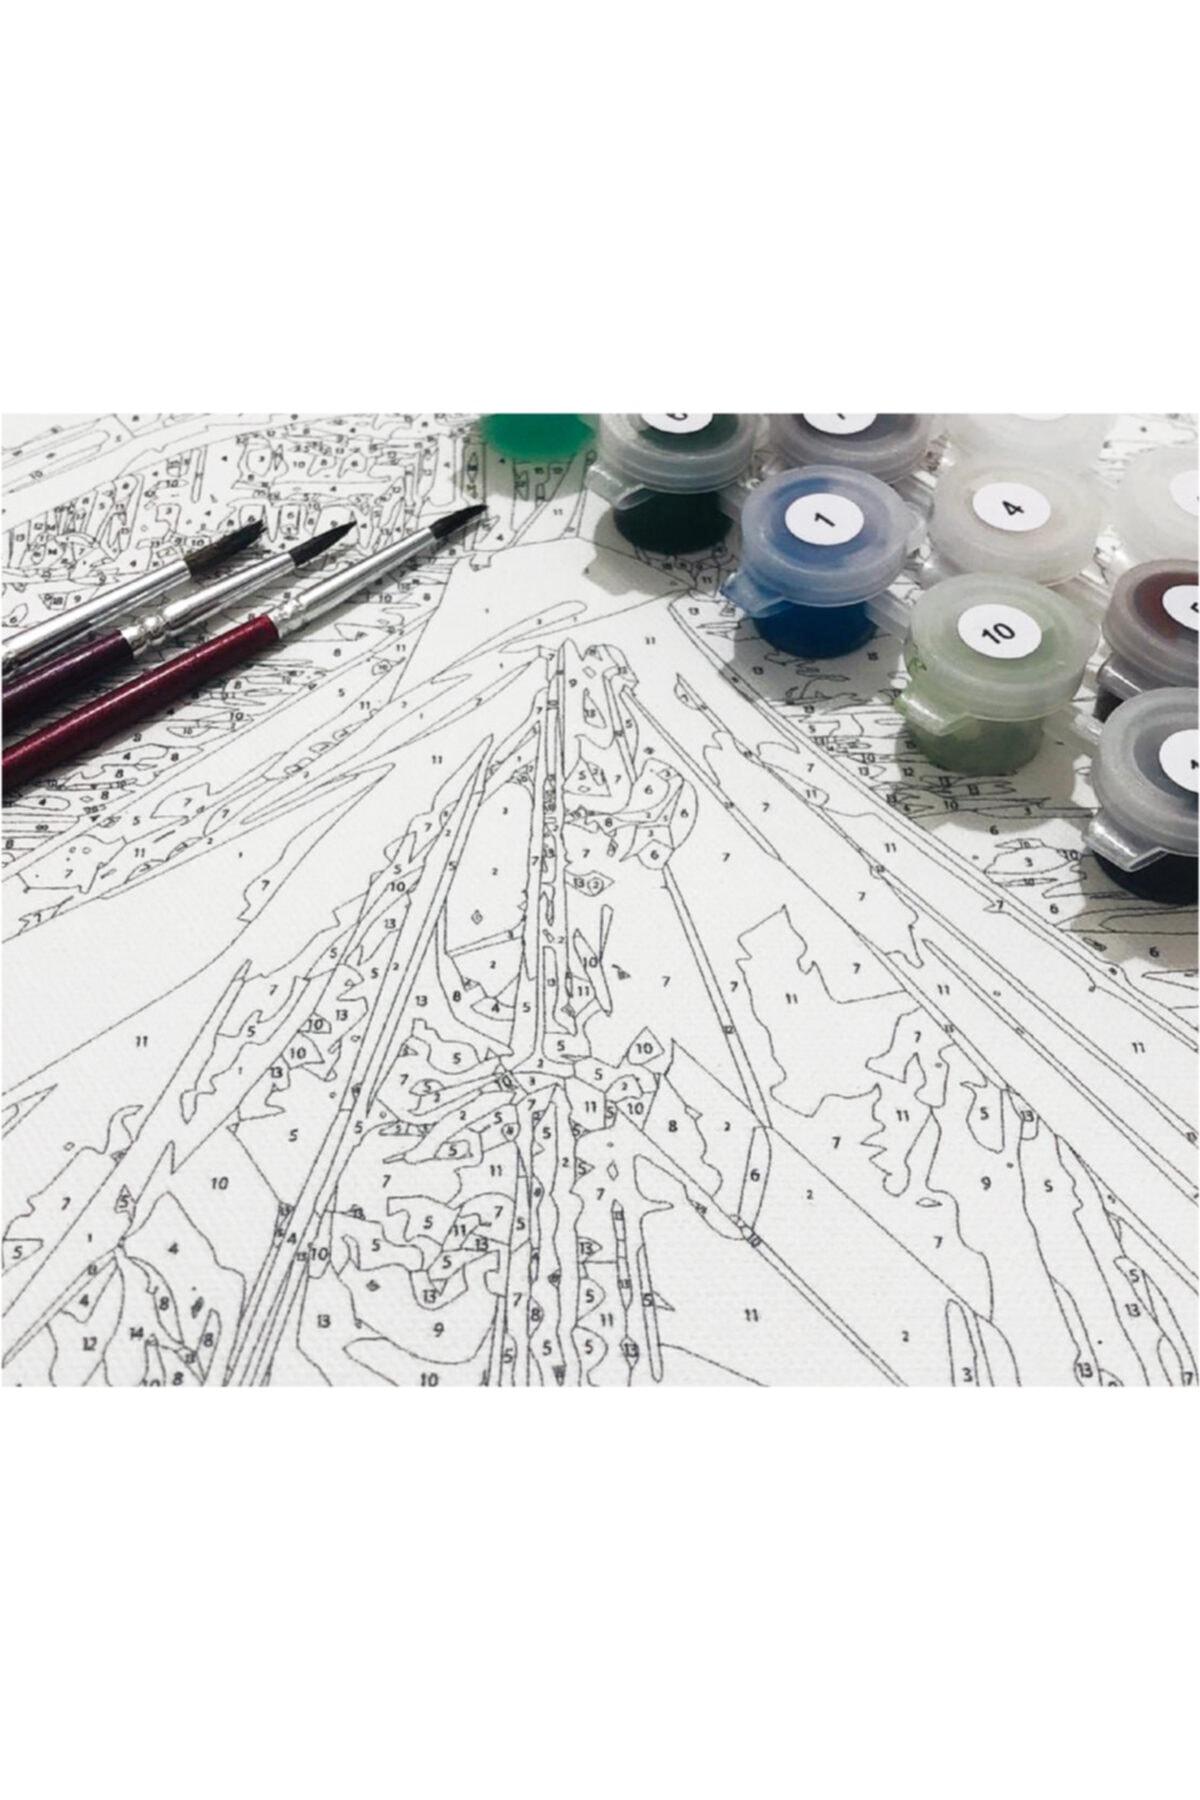 GoShoping Sayılarla Boyama Tablo Seti 45x55 Cm Kanvas Fırça Ve Boyalar Dahil Kzl01 2